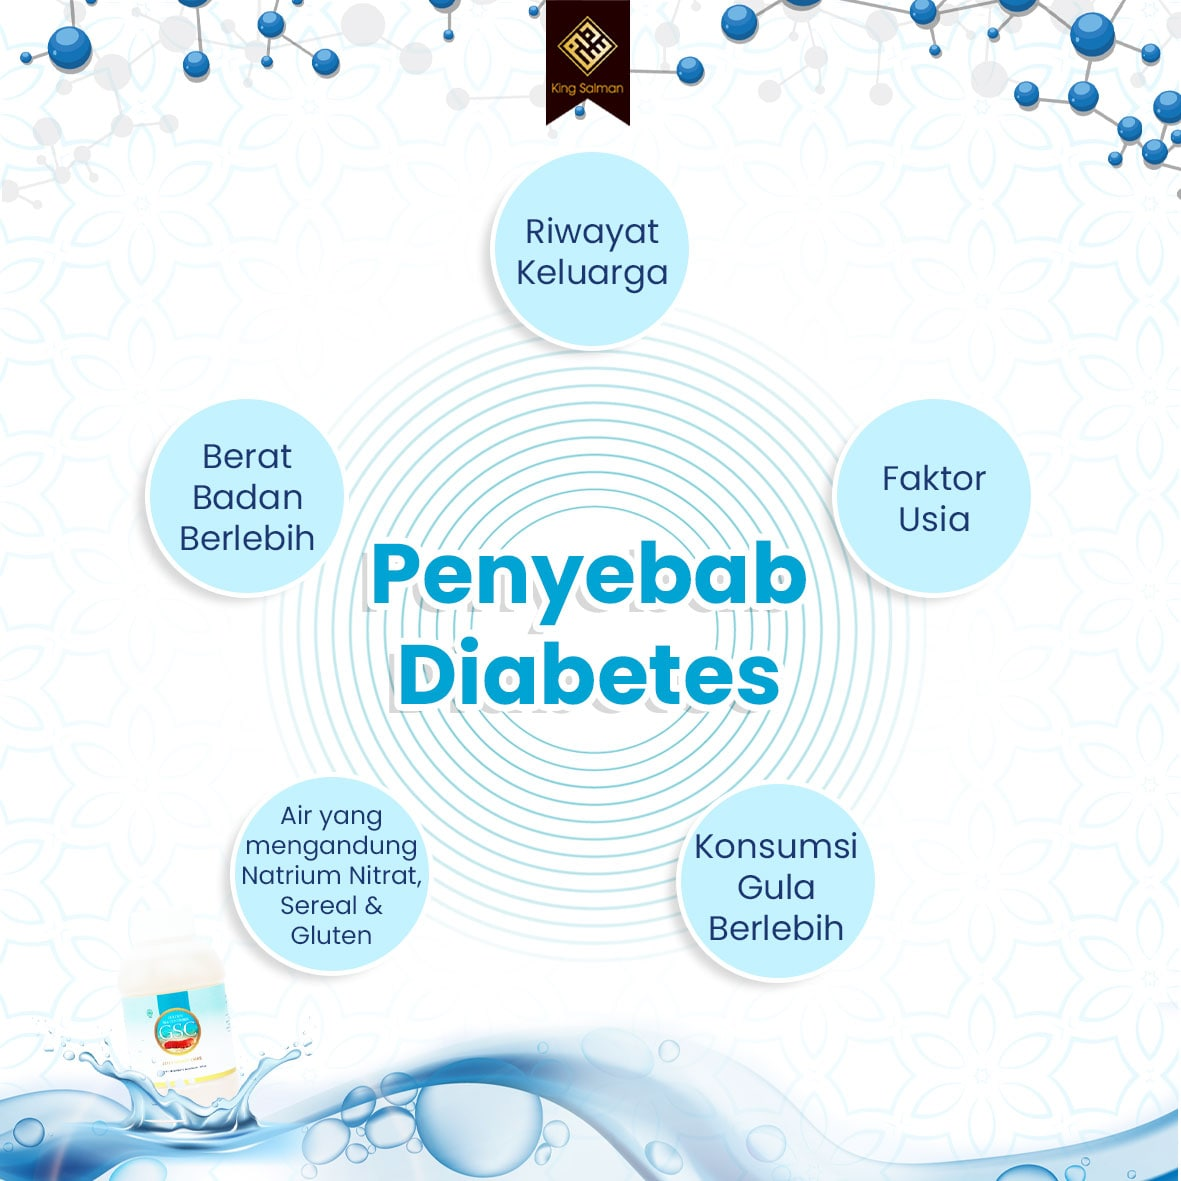 penyebab diabetes secara umum